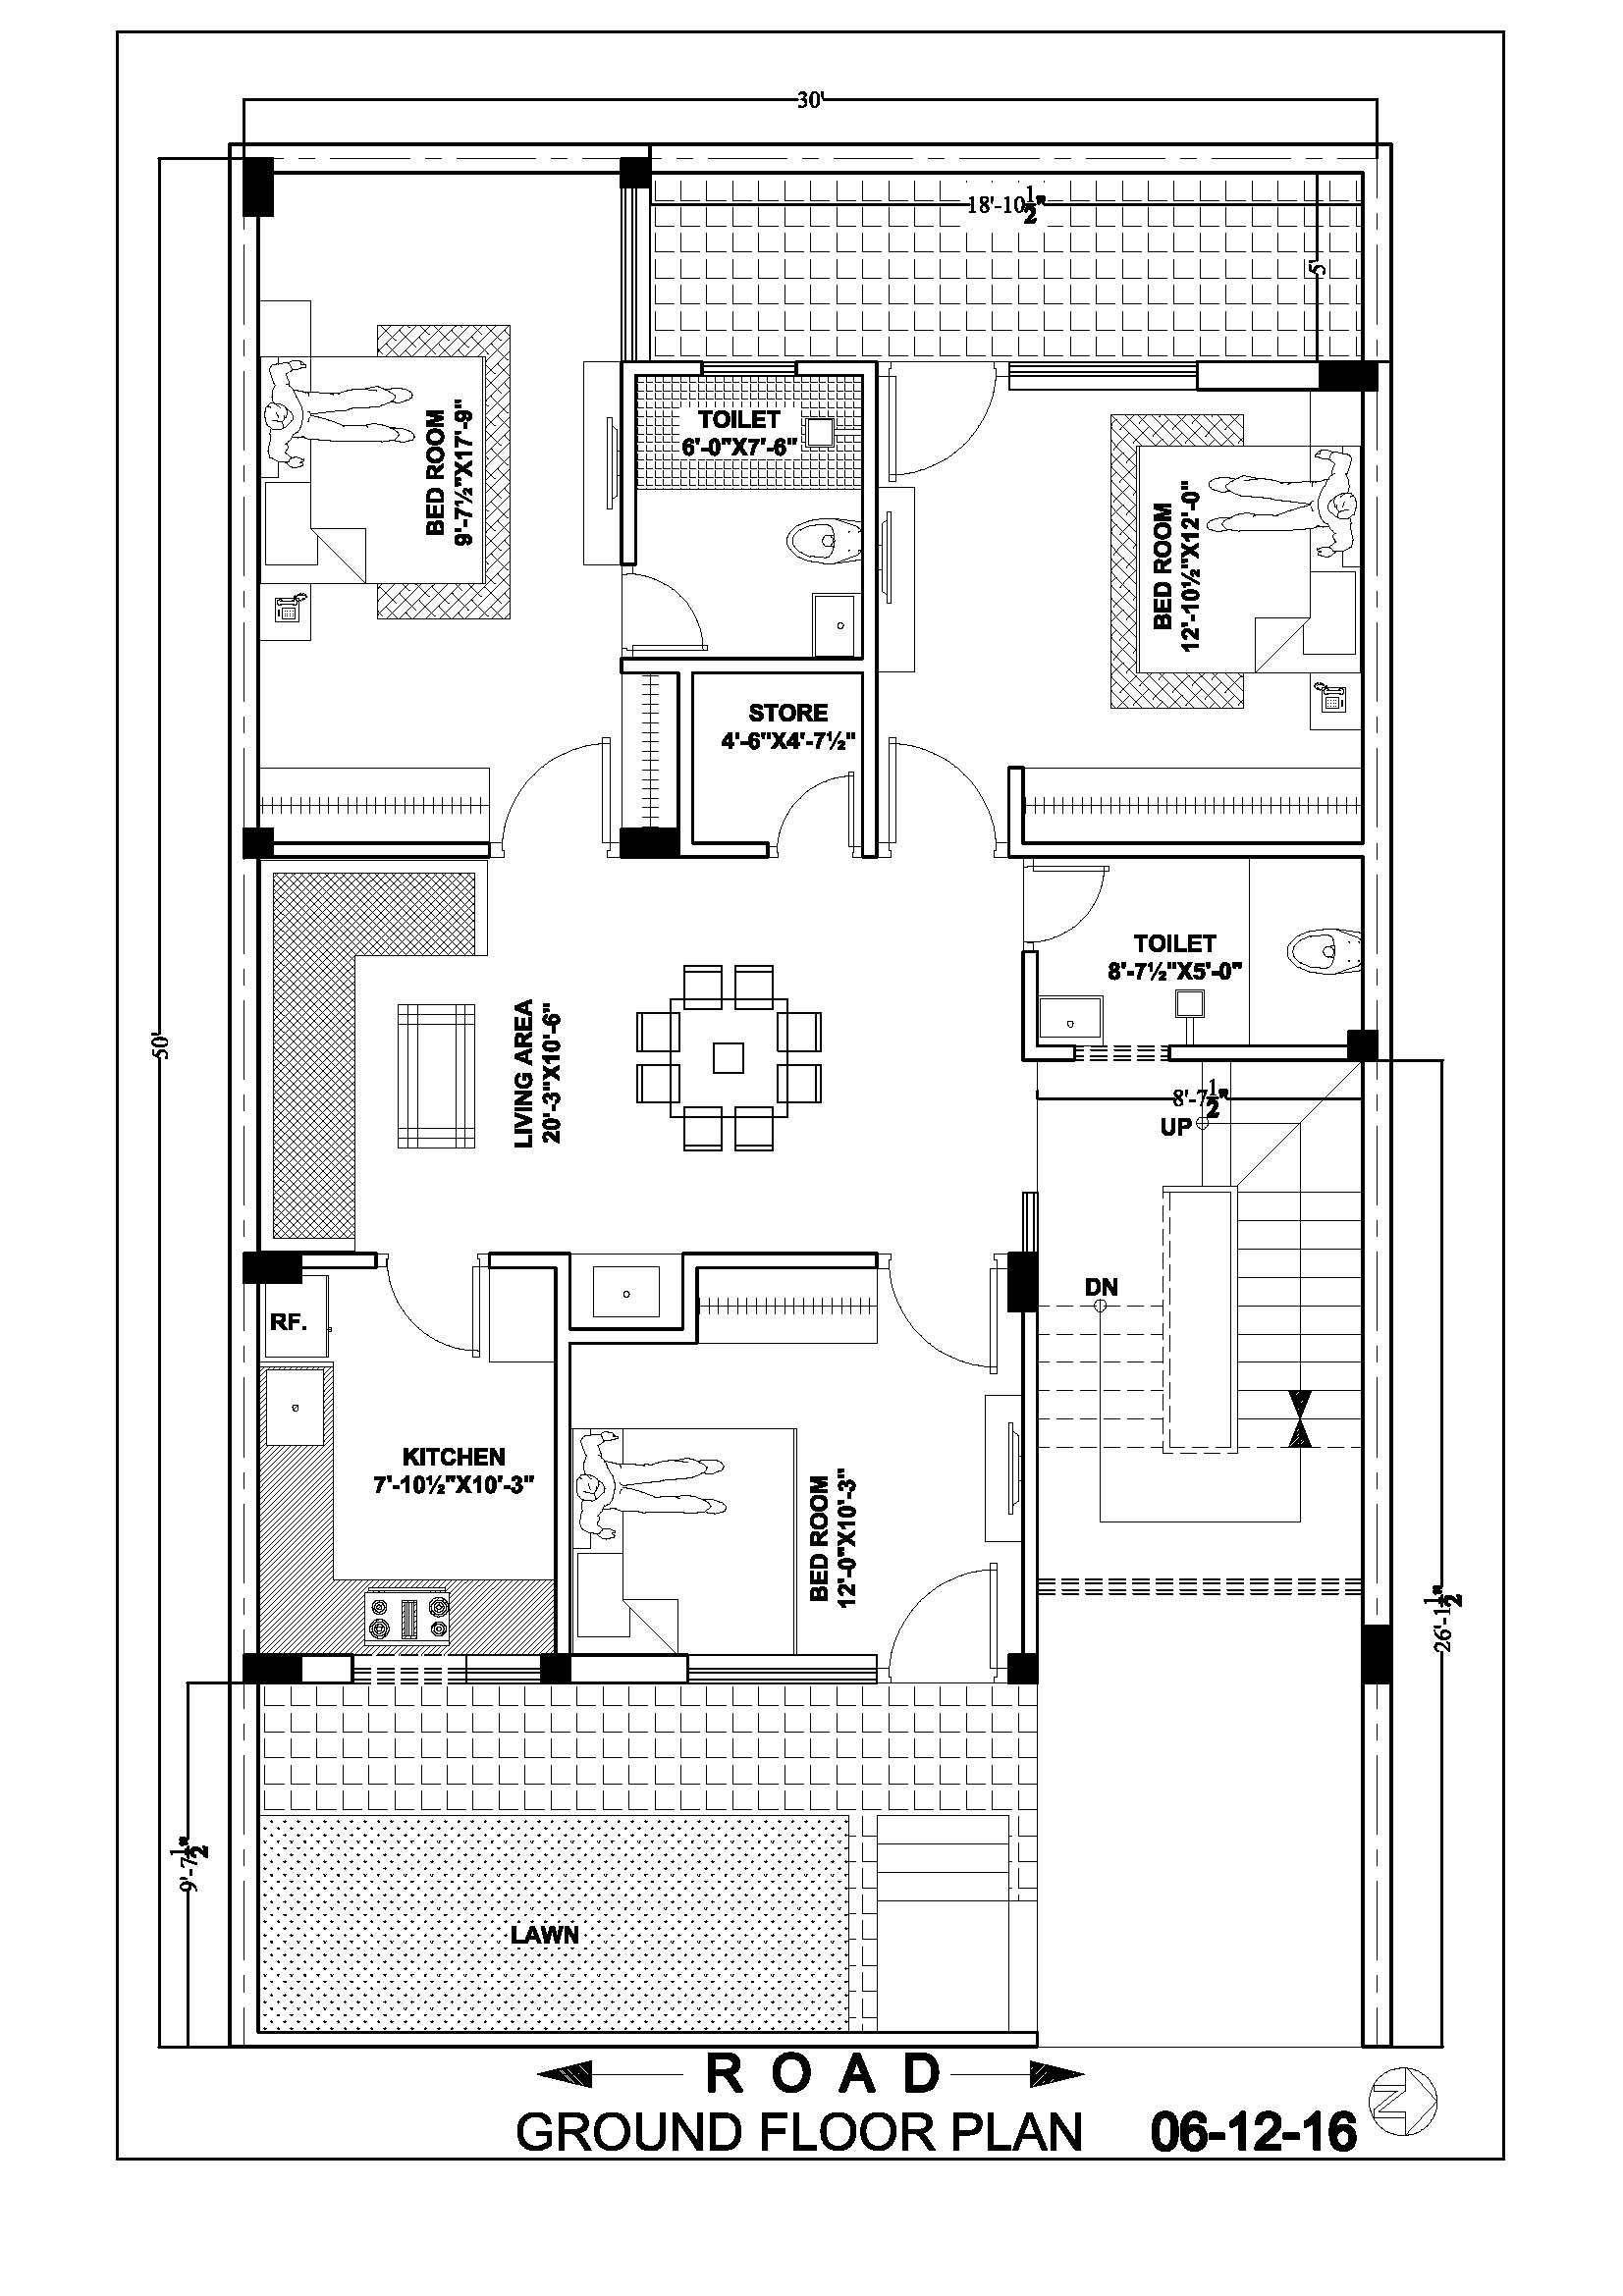 30 50 Ground Floor Plan